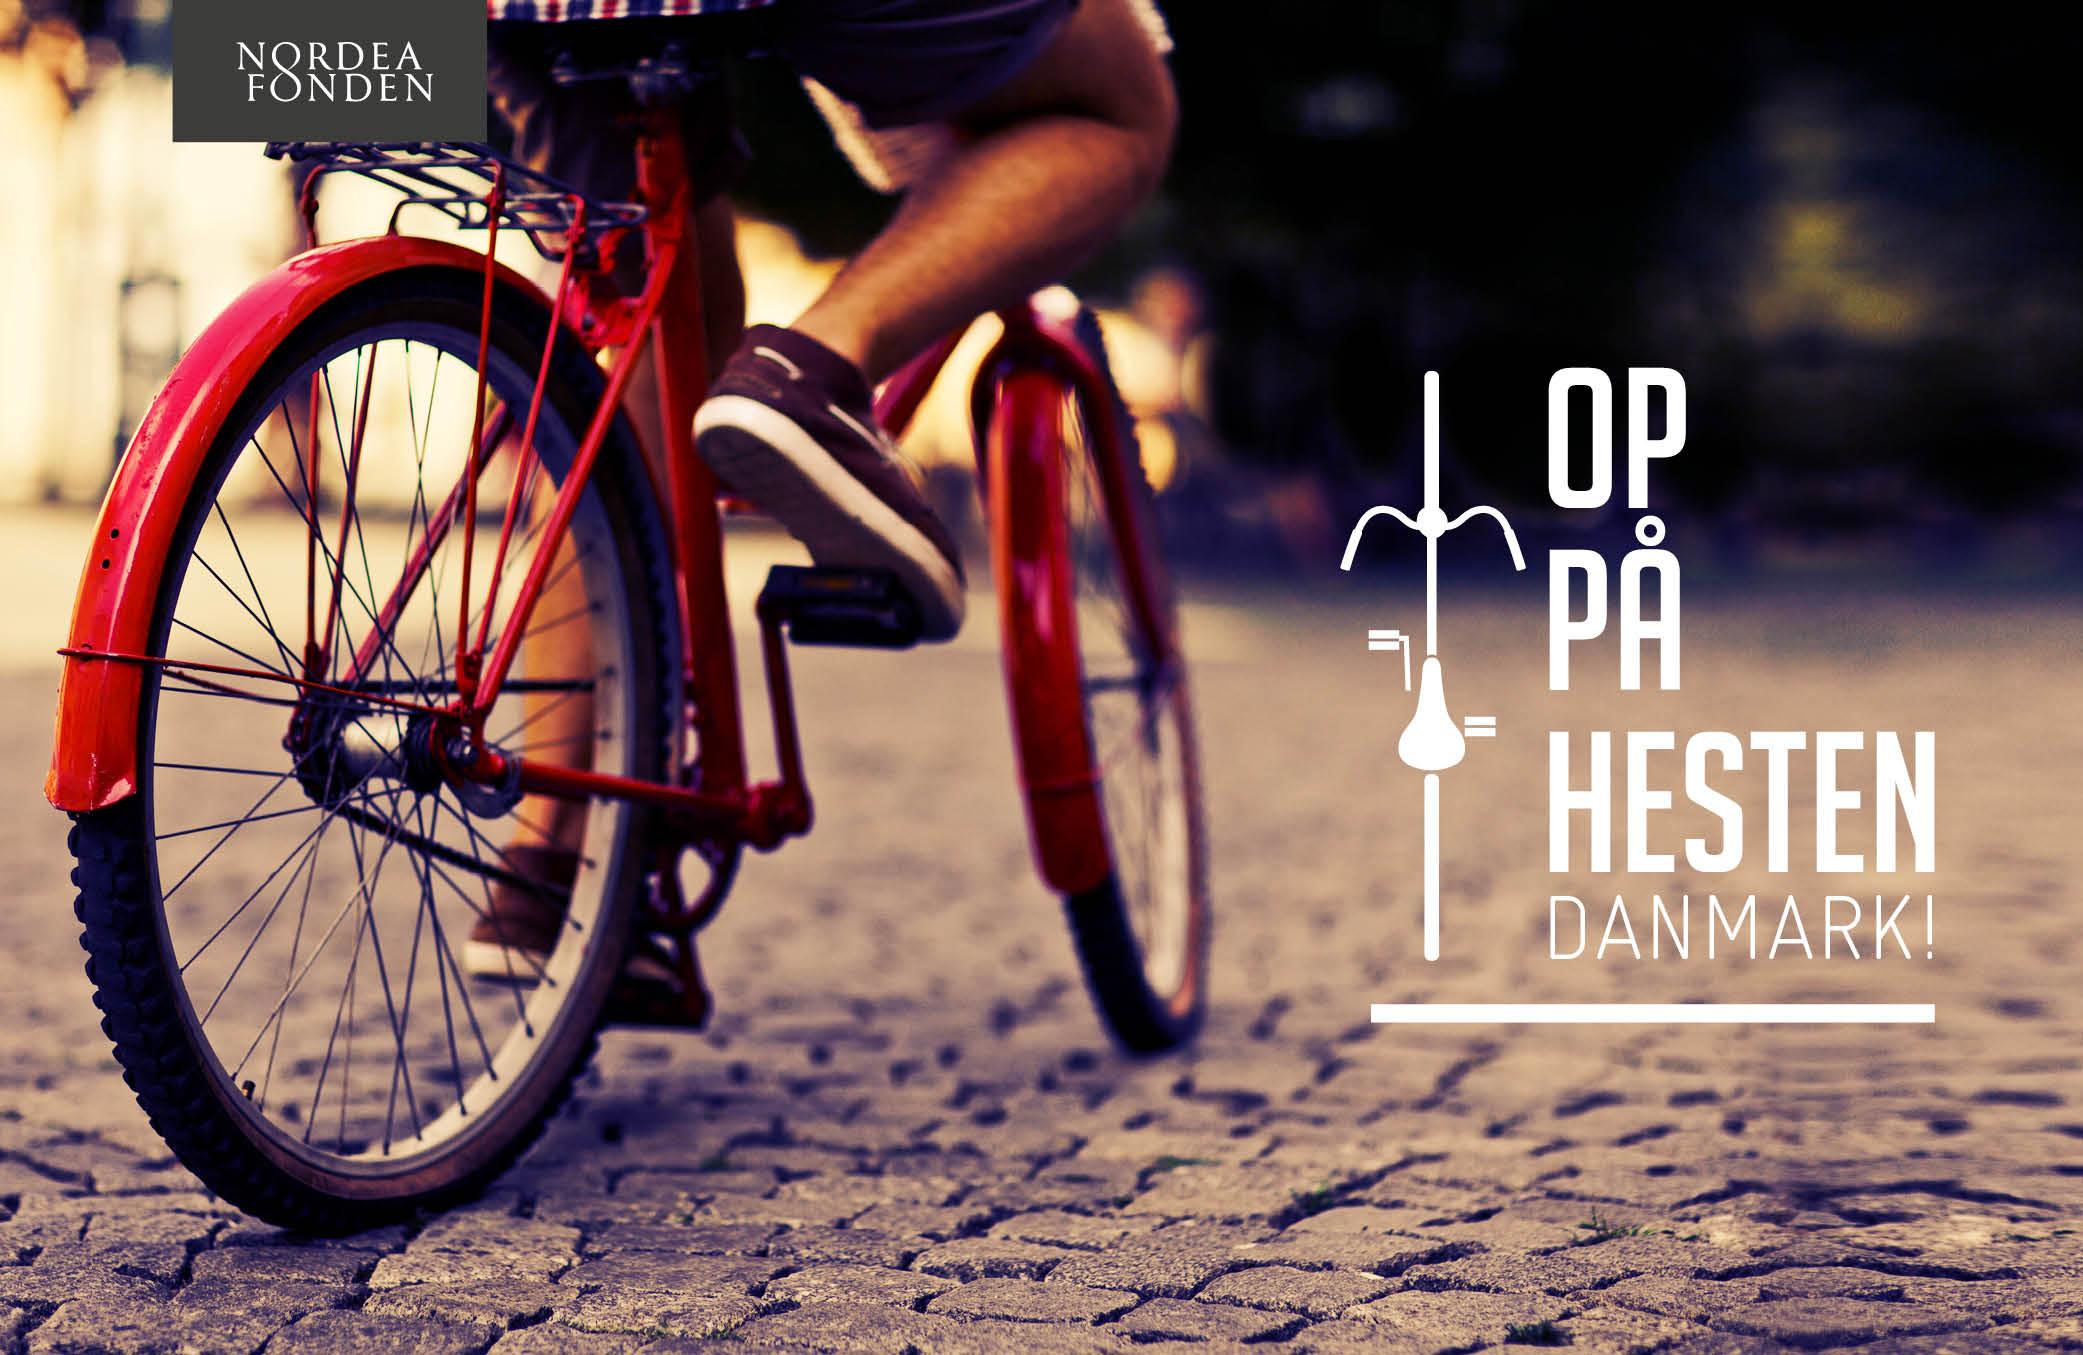 kb cykler5.jpg